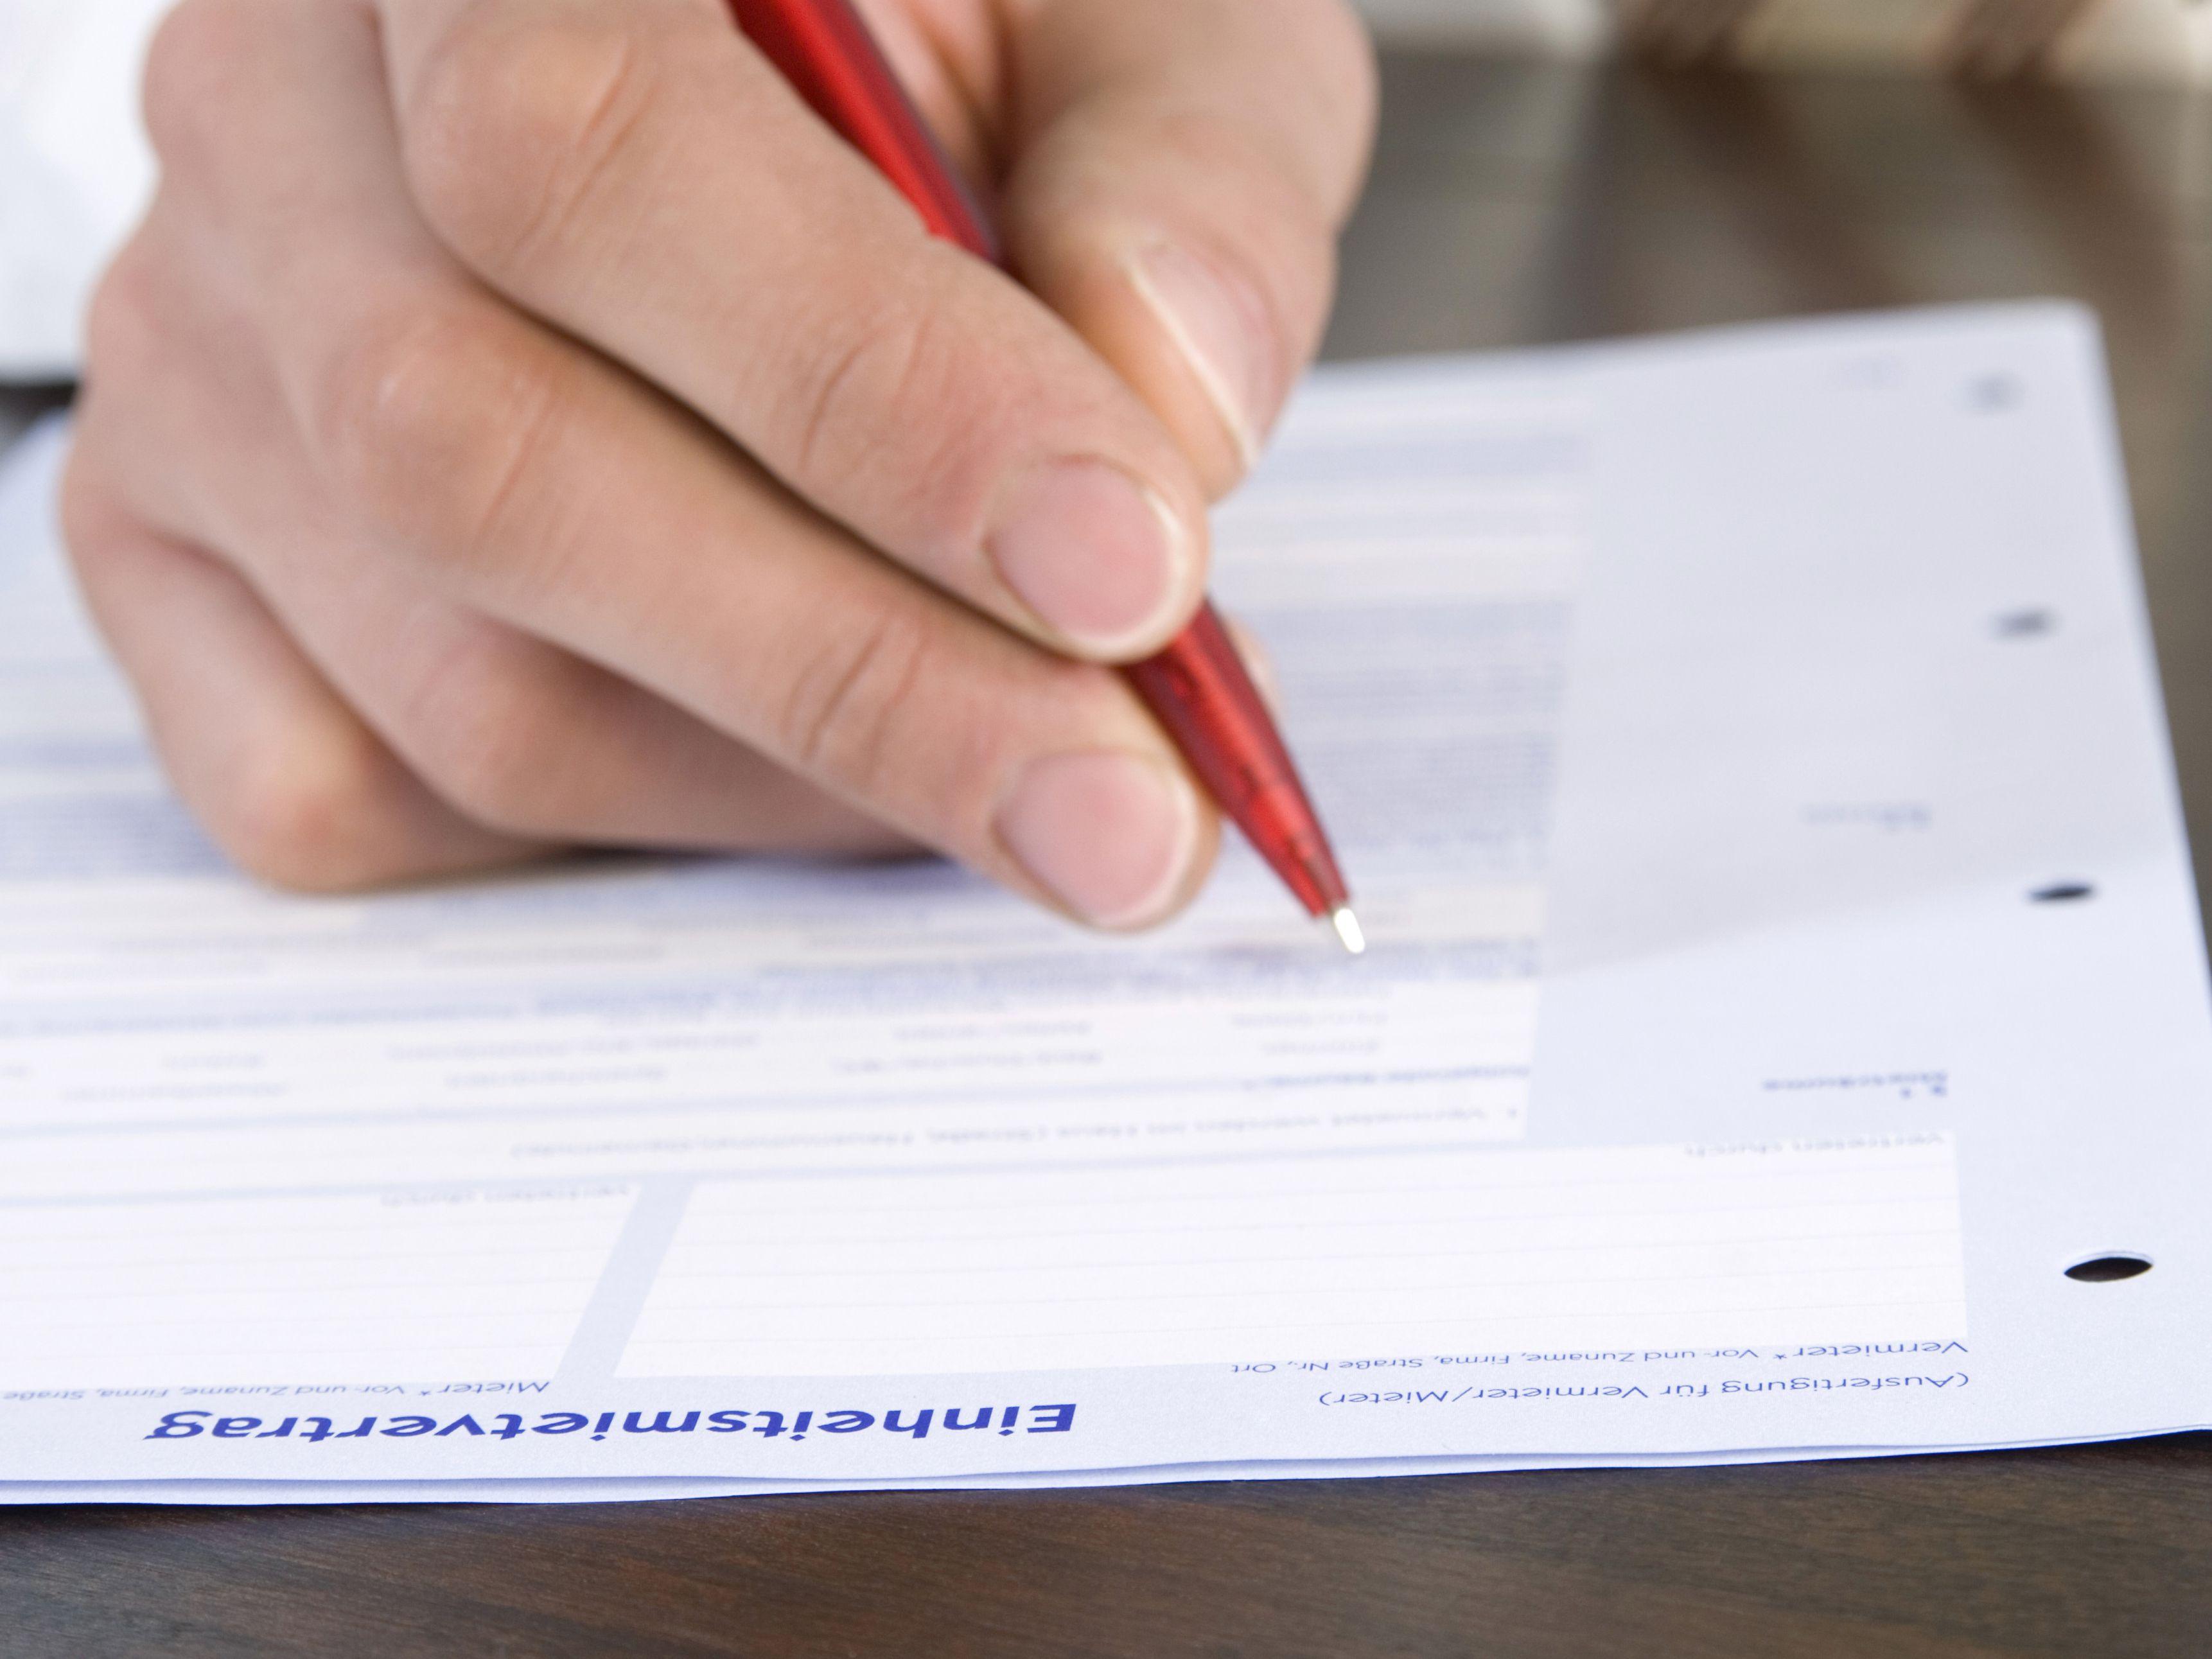 Licencias y permisos para empezar un negocio en casa